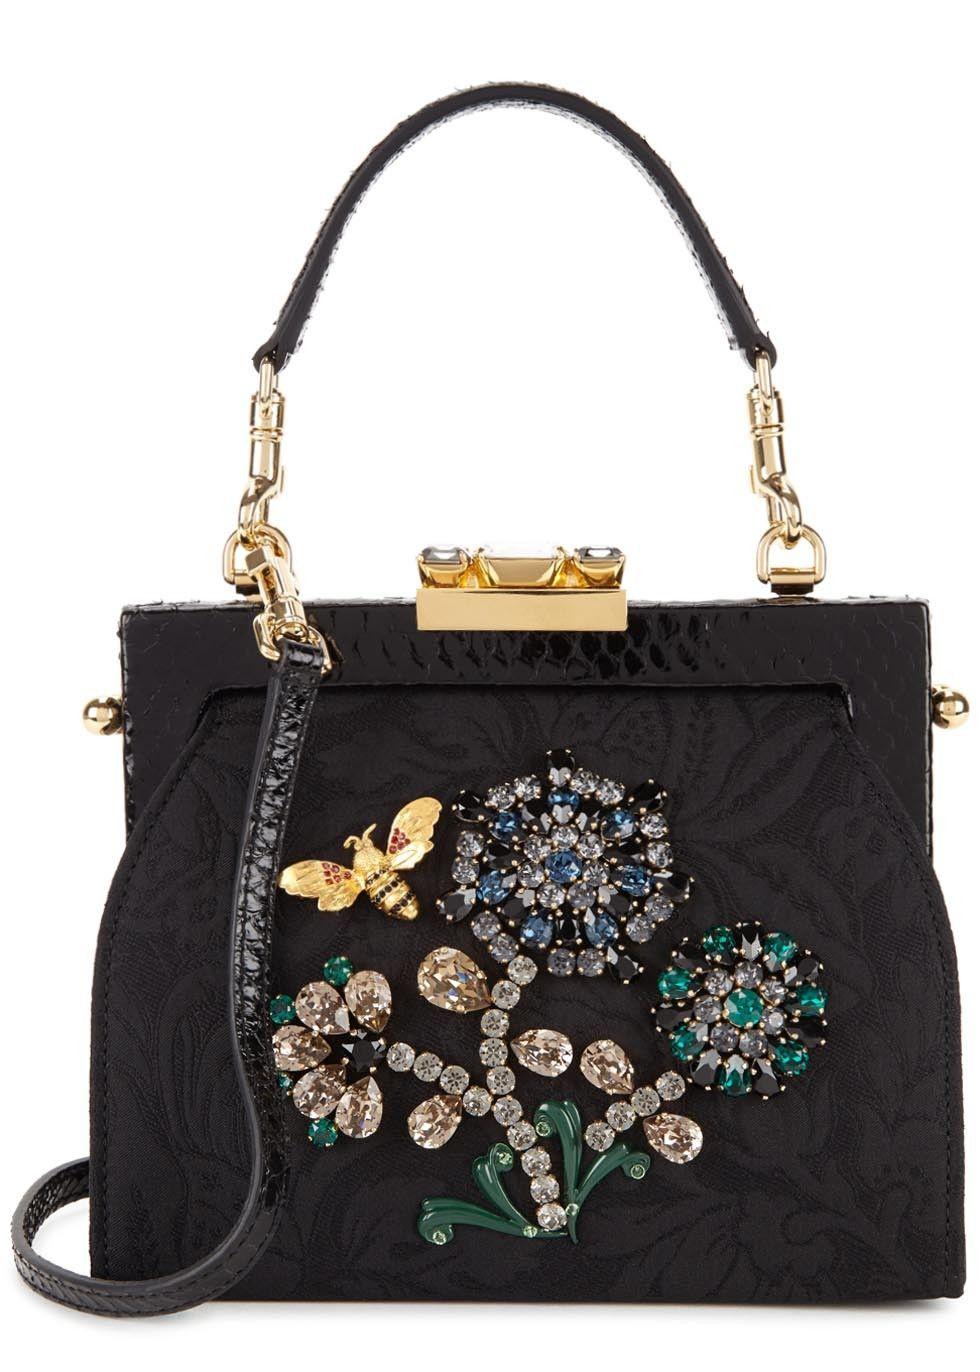 Dolce   Gabbana bag  7d6f5a8e84fe2